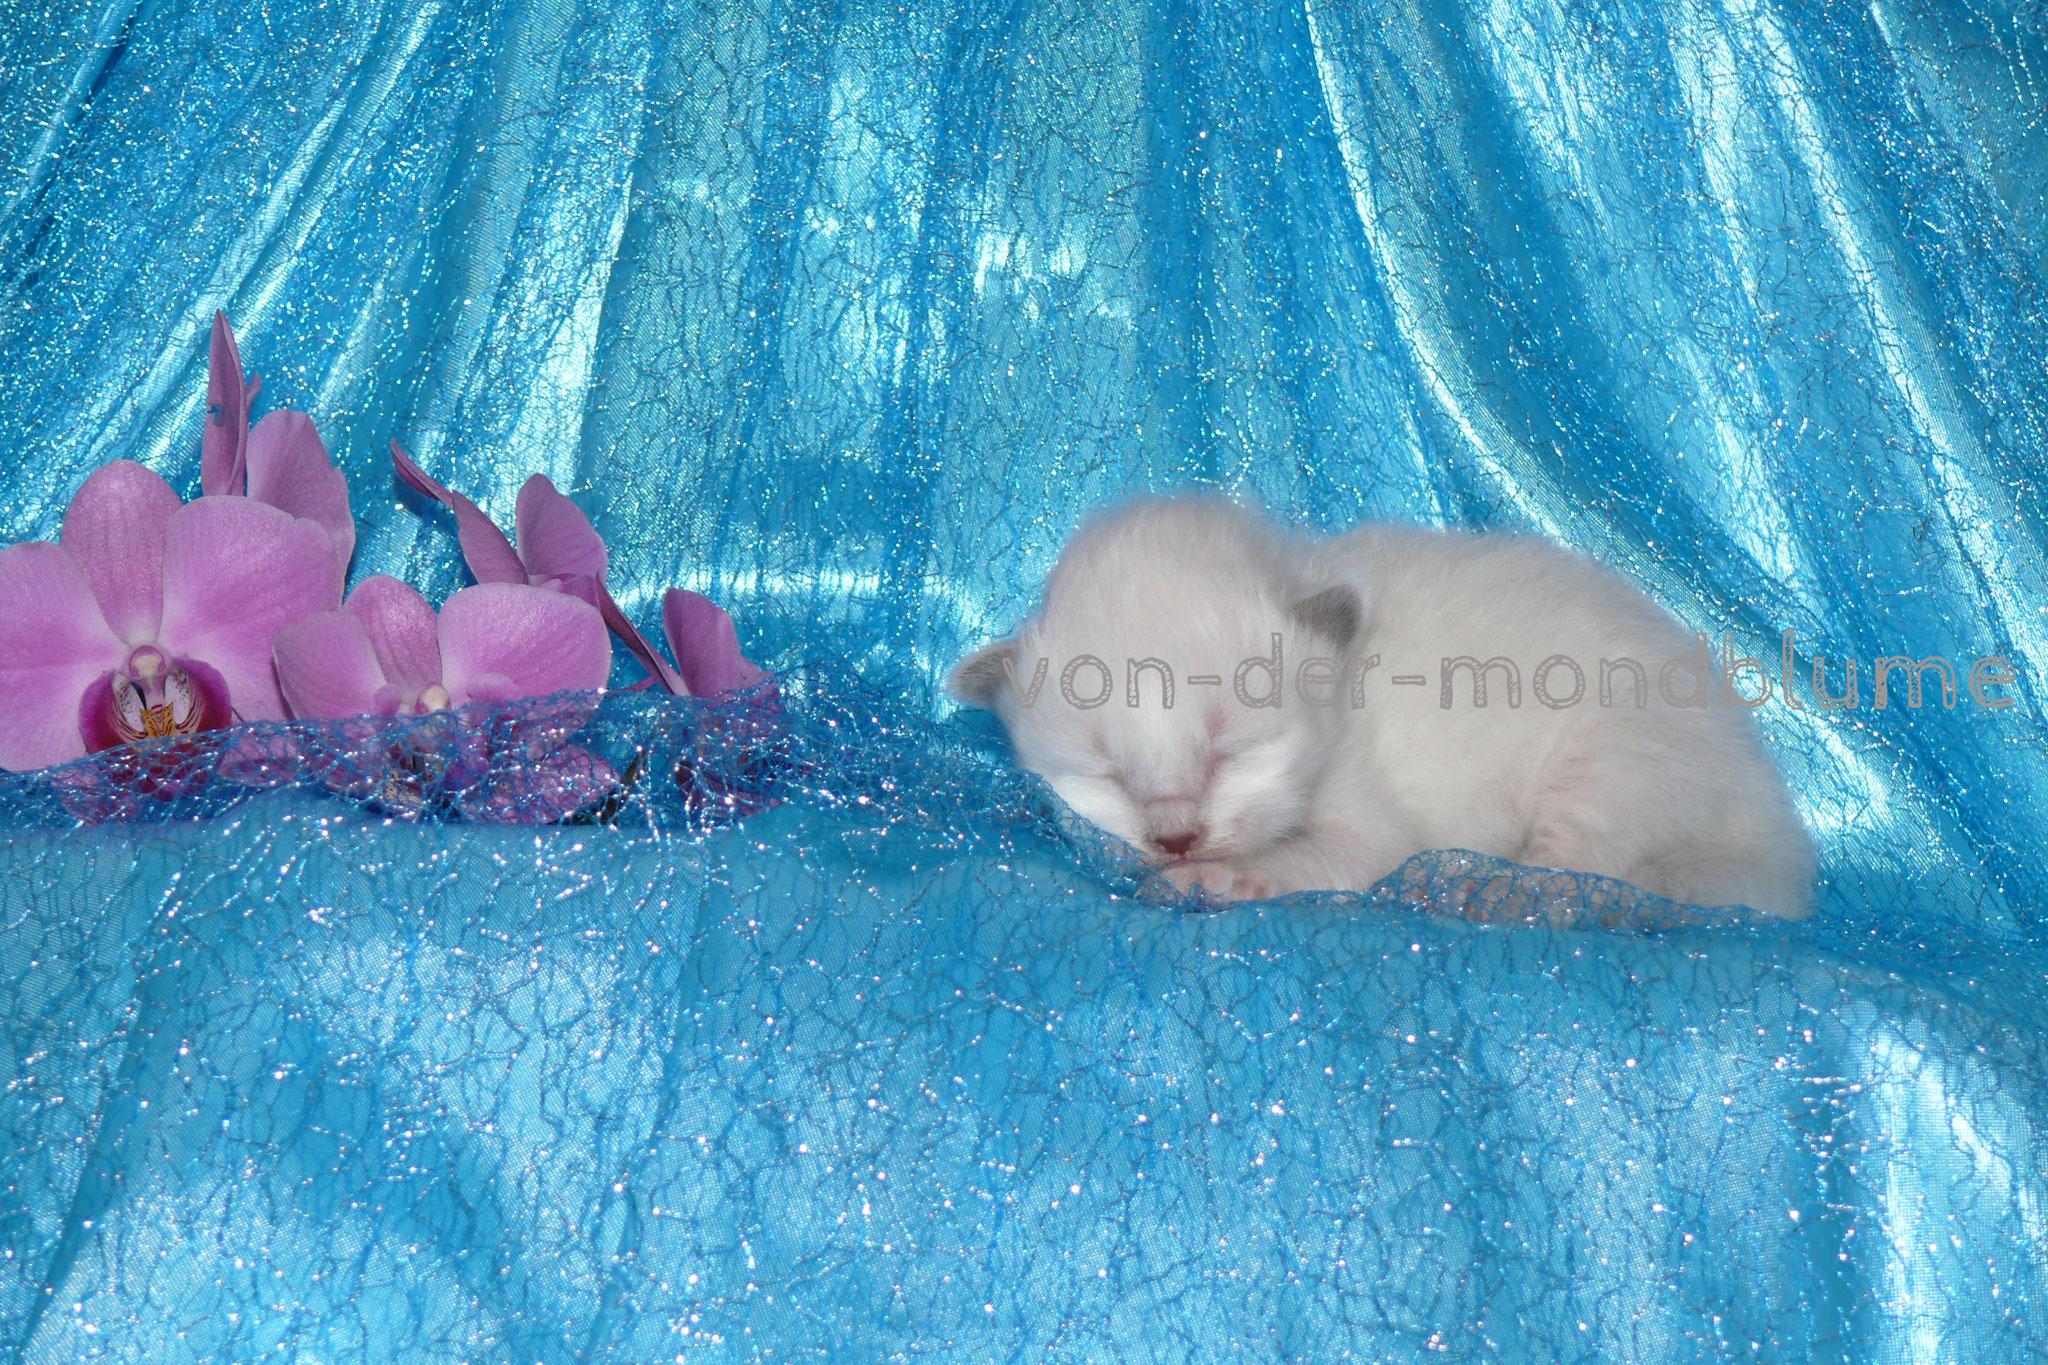 Chérie von der Mondblume, 8 Tage alt, 206 g